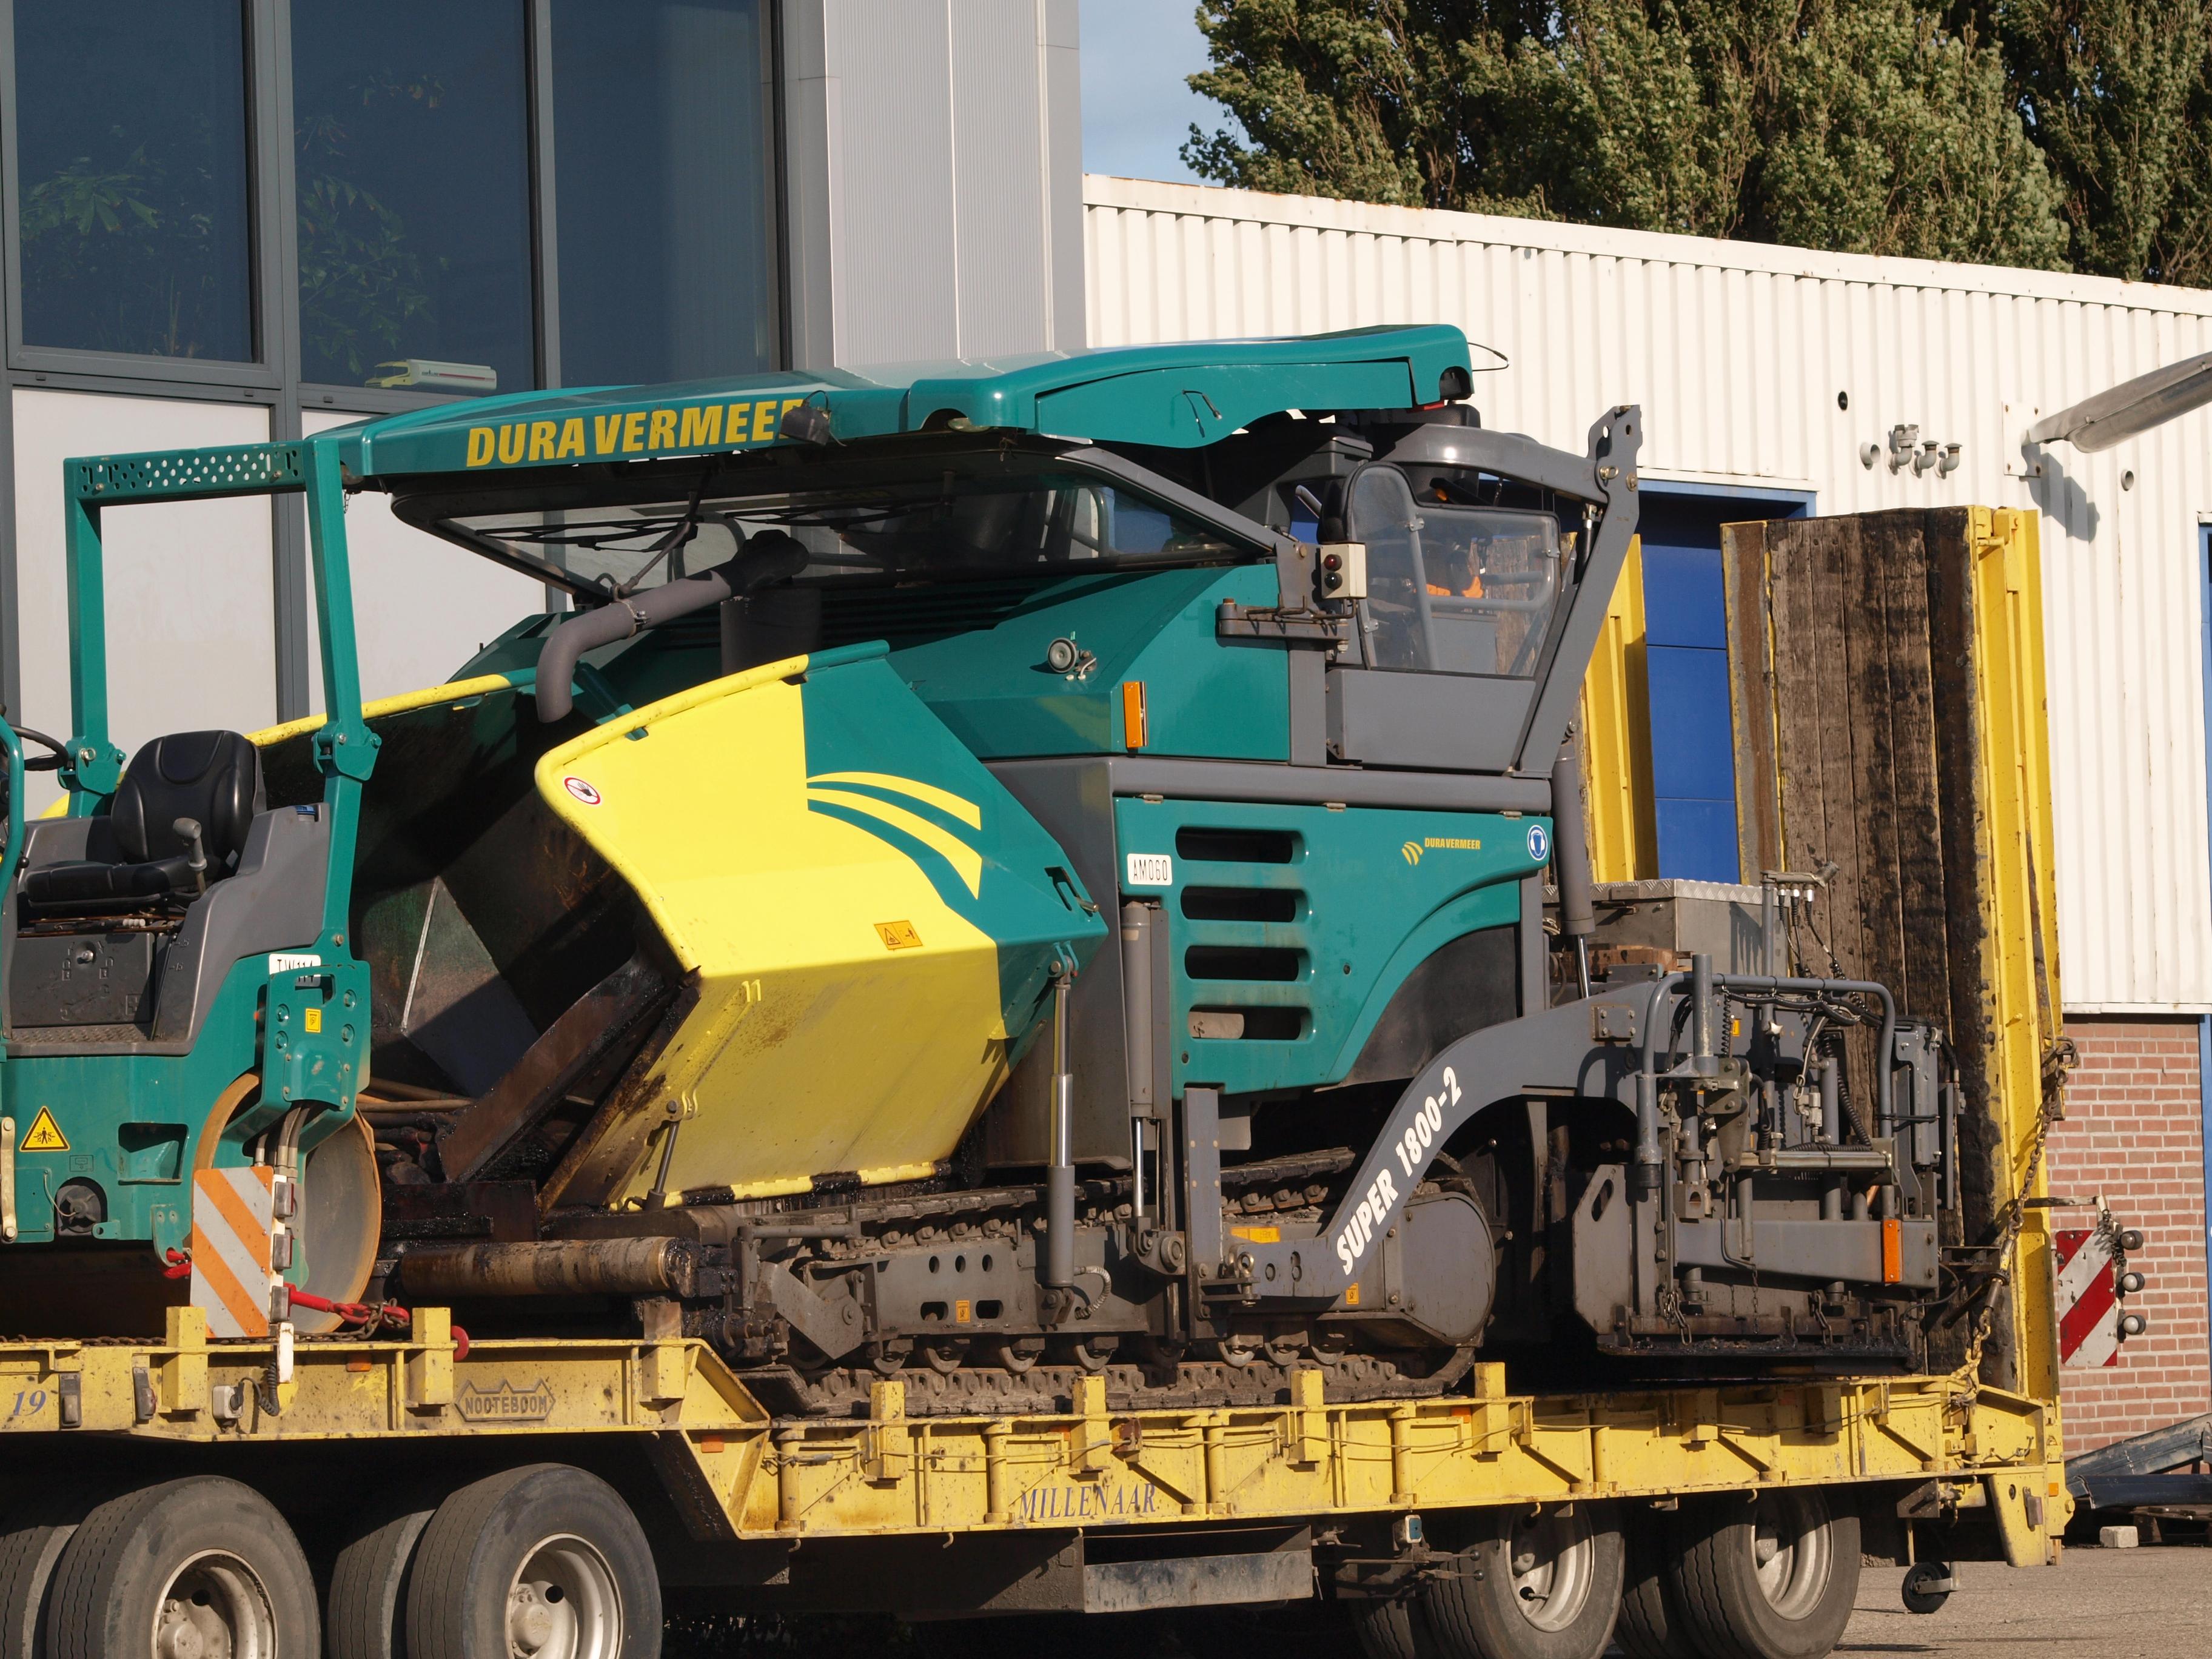 File:Vogele Super 1800-2 (owner Dura Vermeer).JPG